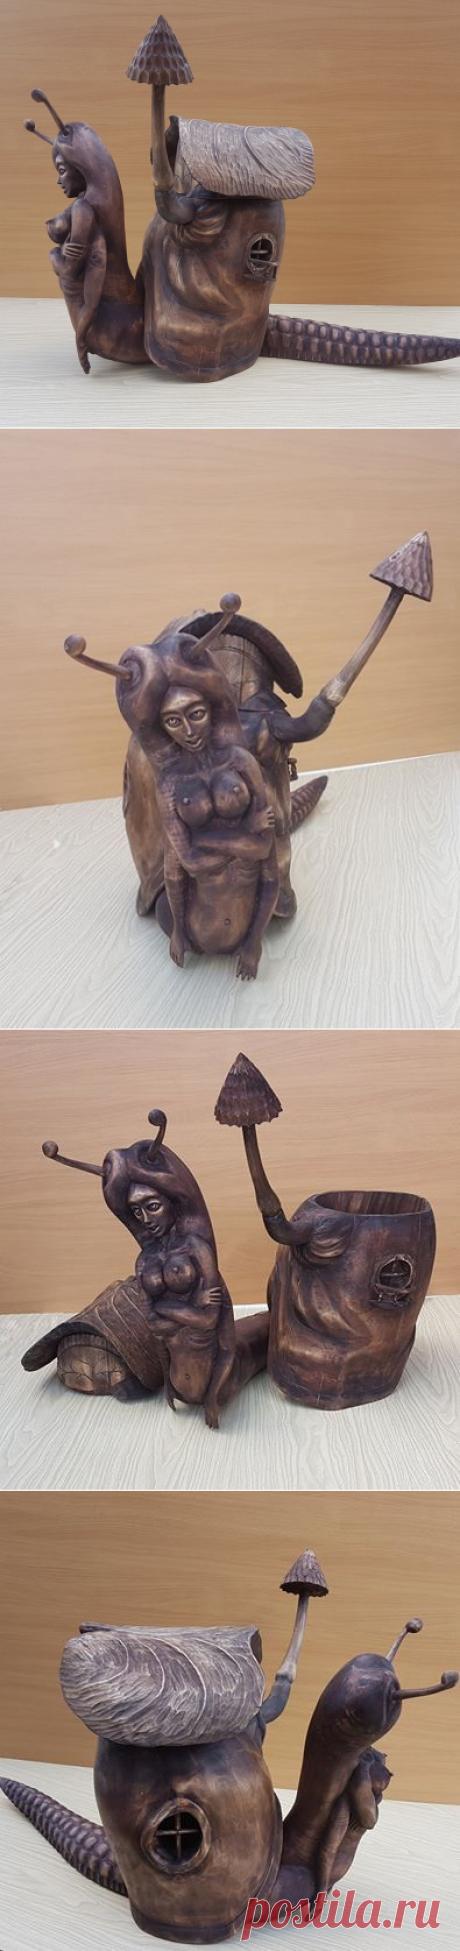 Материал-осина,размер-80х55х30 см.Называется-Без Ж\П...  Автор: Геннадий Горшков